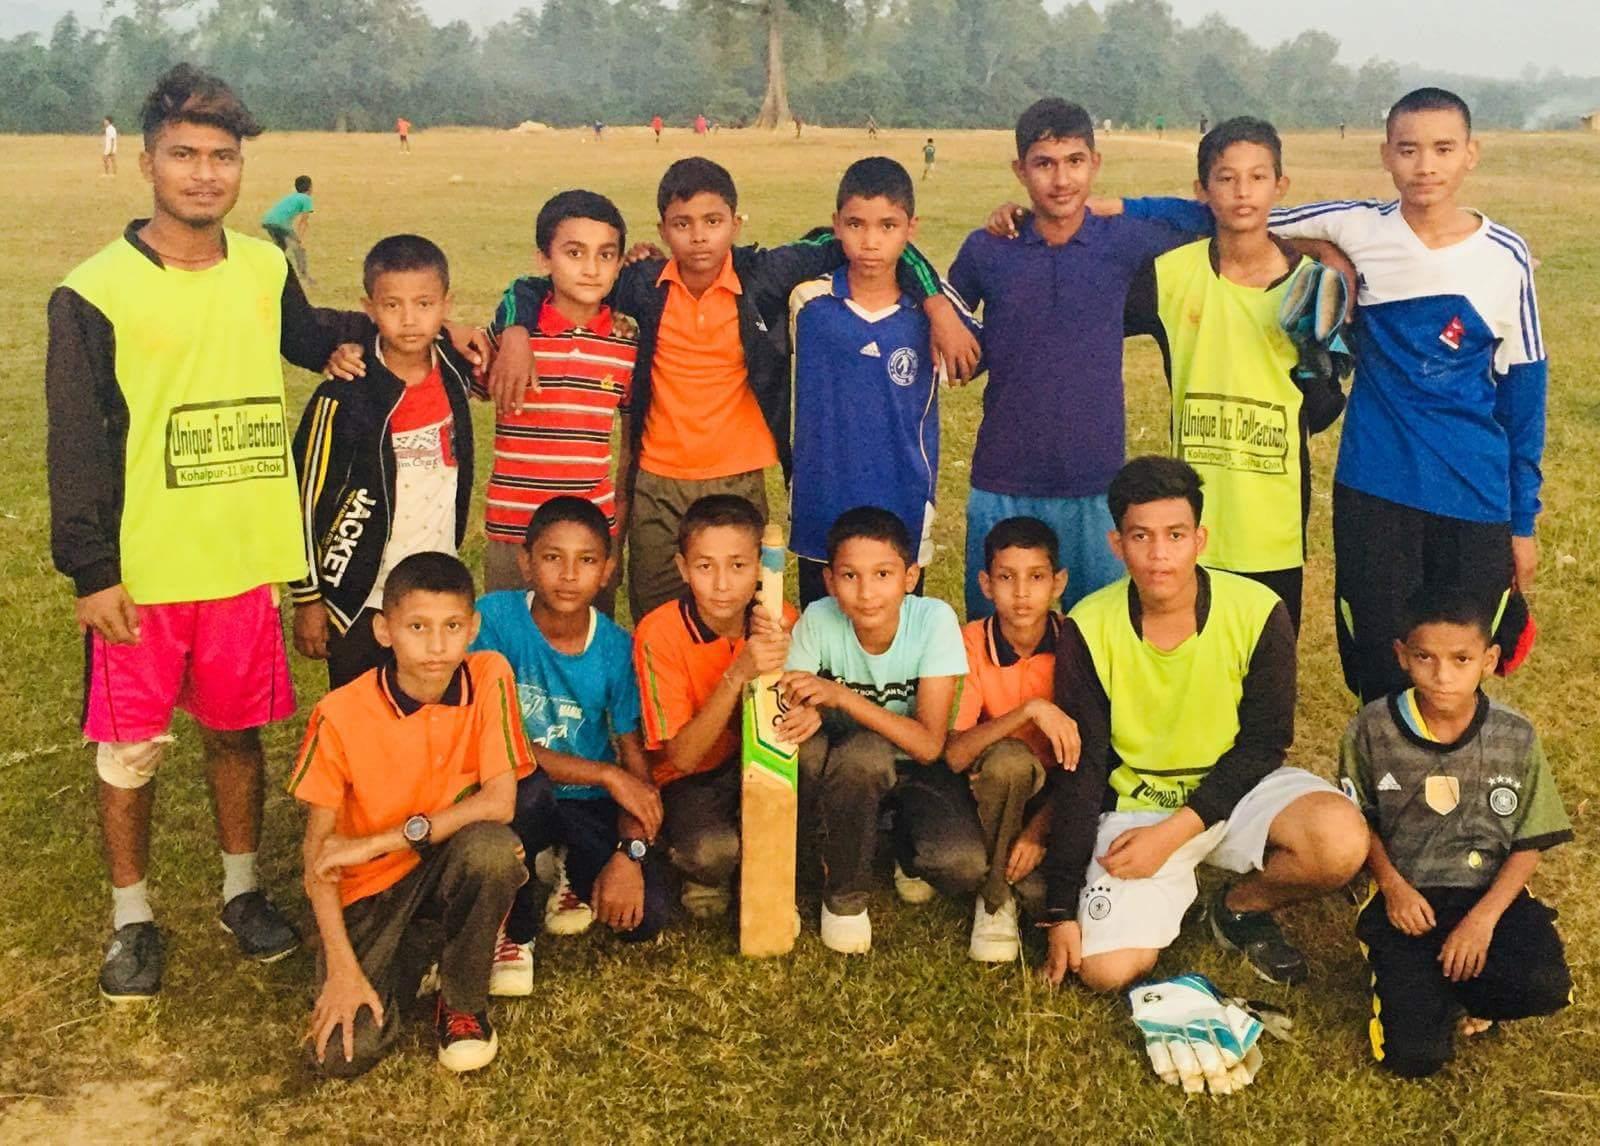 मध्यपश्चिम क्रिकेट क्लबकाे यु–१४ टिम घोषणा